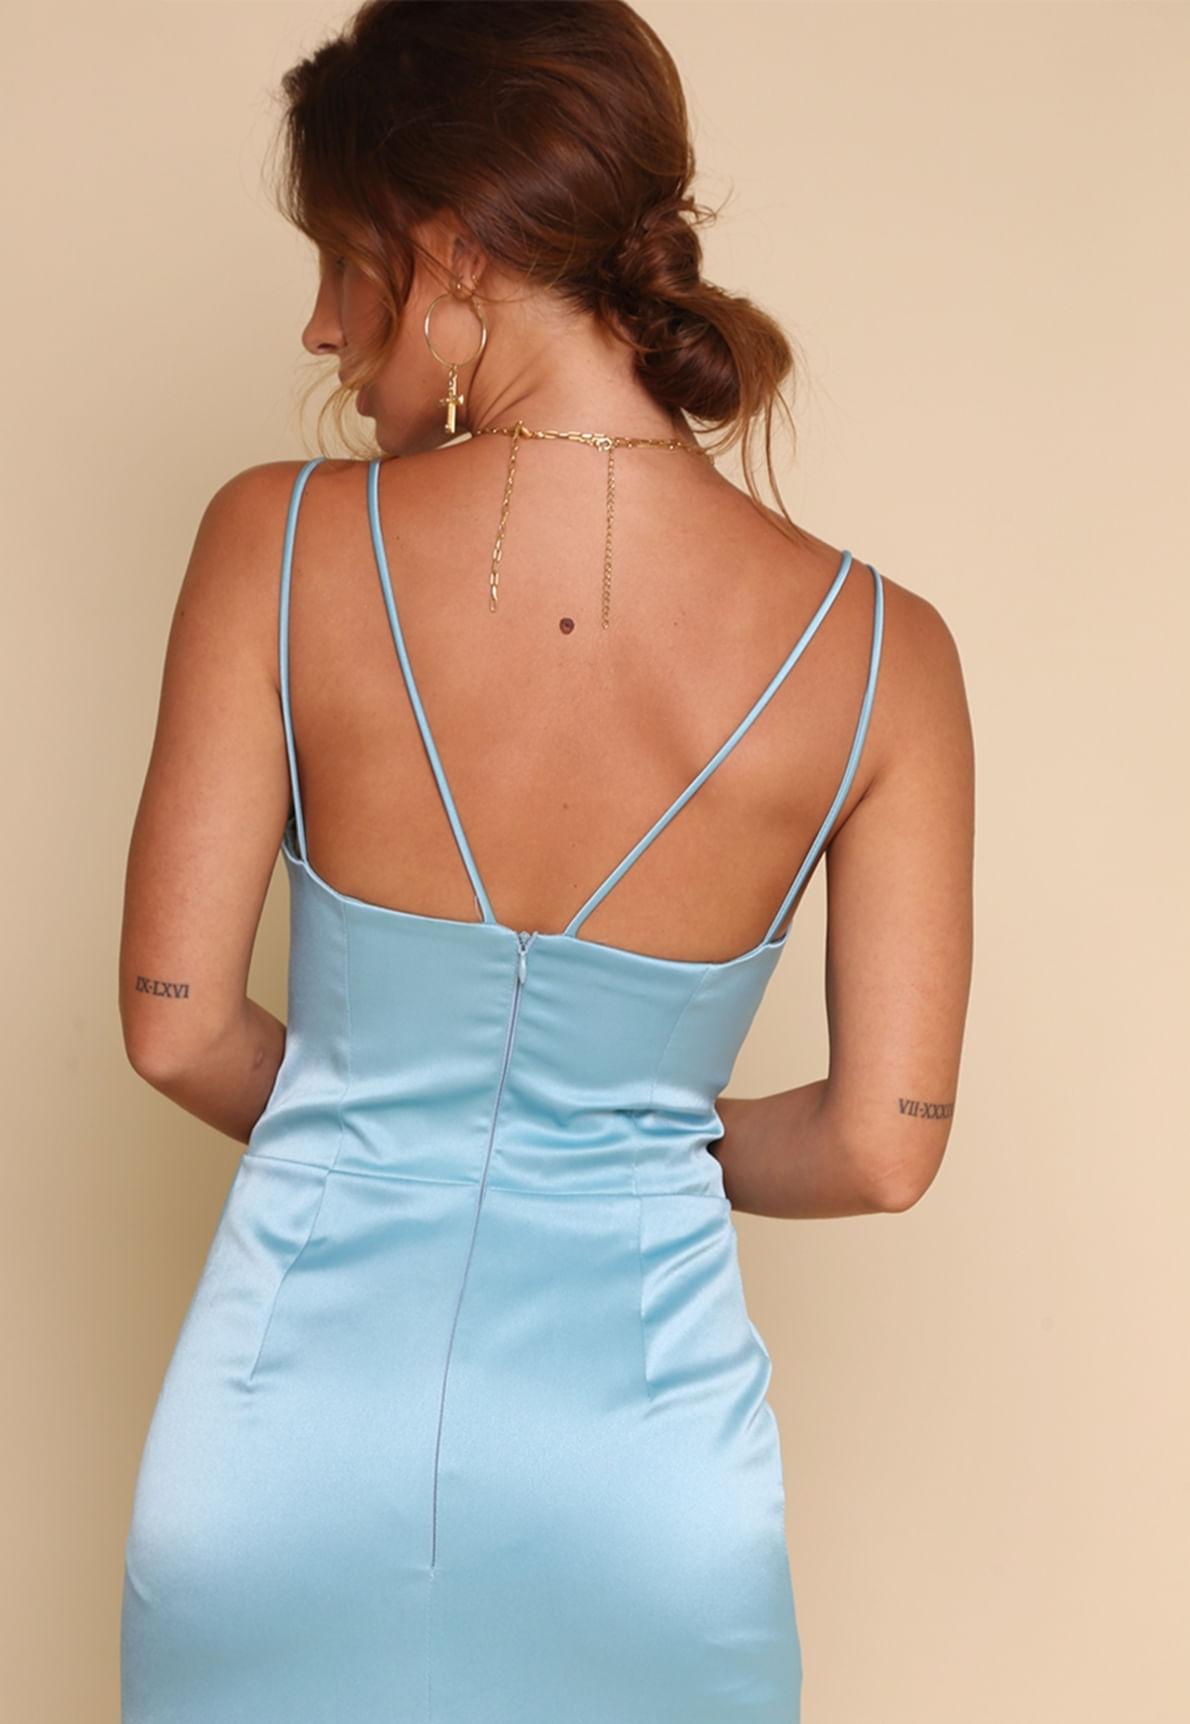 23229-vestido-longo-turquesa-monica-04